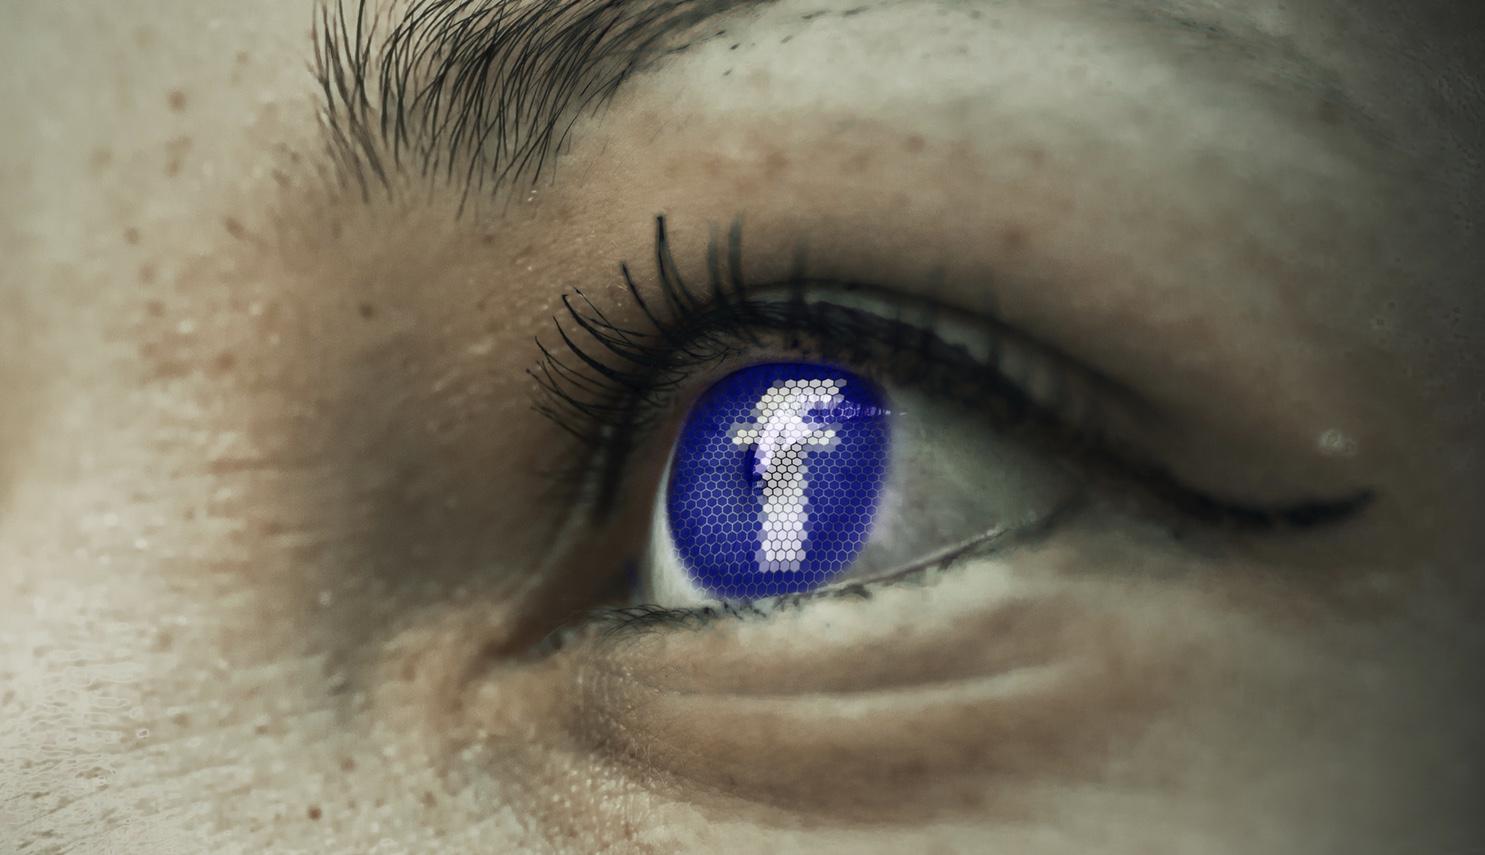 Bild: Offenes Auge, das anstelle der Iris das Facebook-logo zeigt